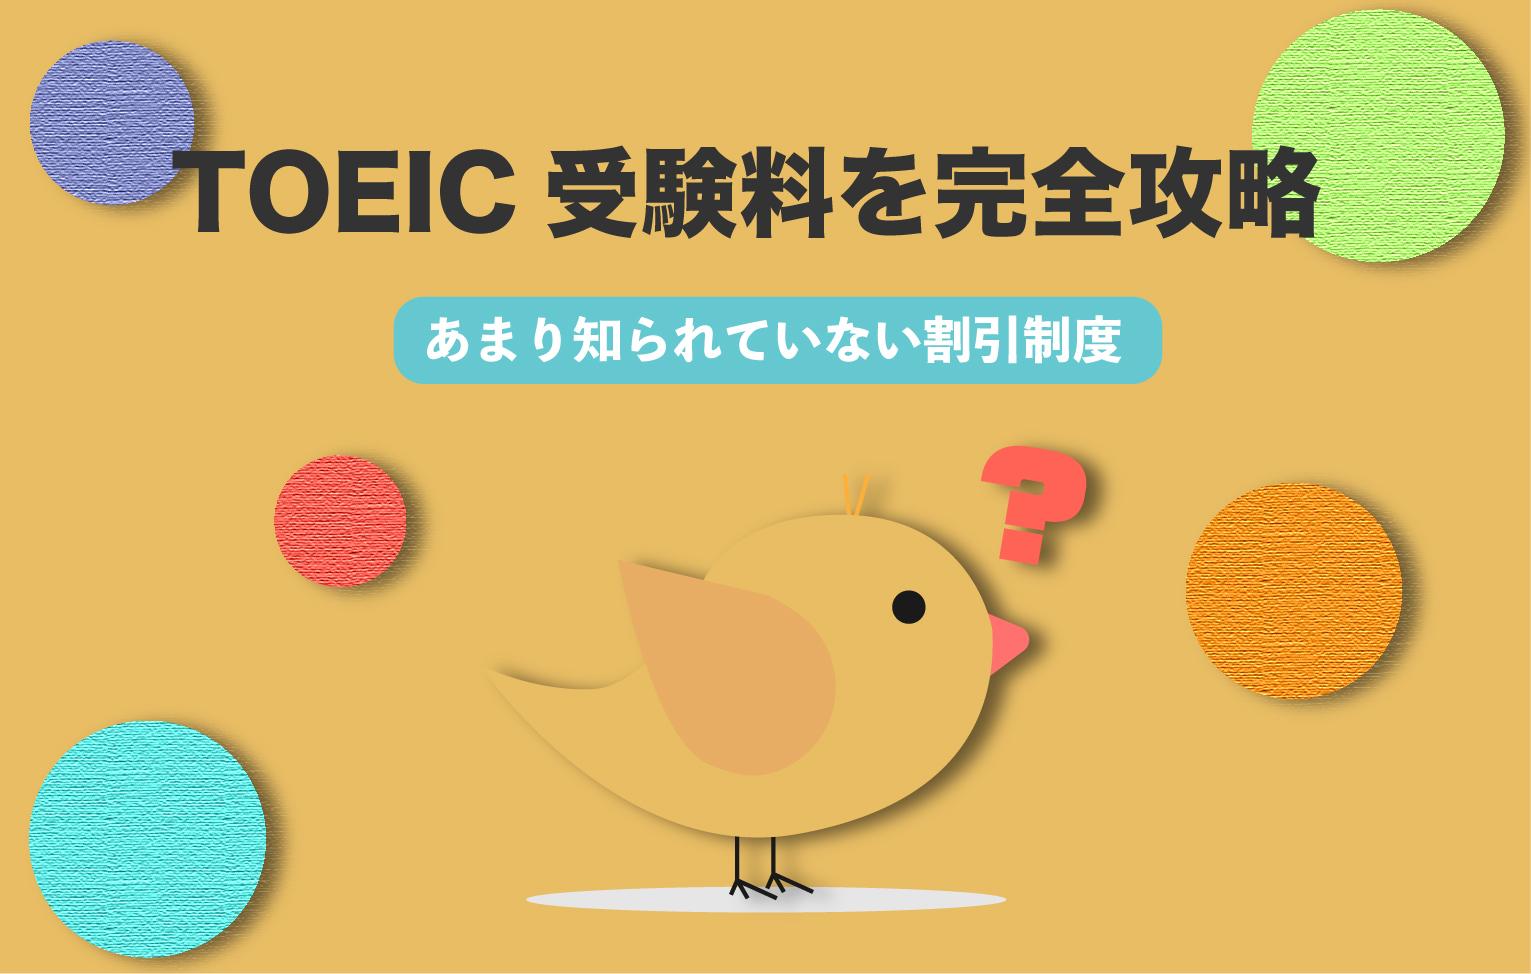 TOEIC L&Rの受験料について【検定料に割引制度があること知ってましたか?】